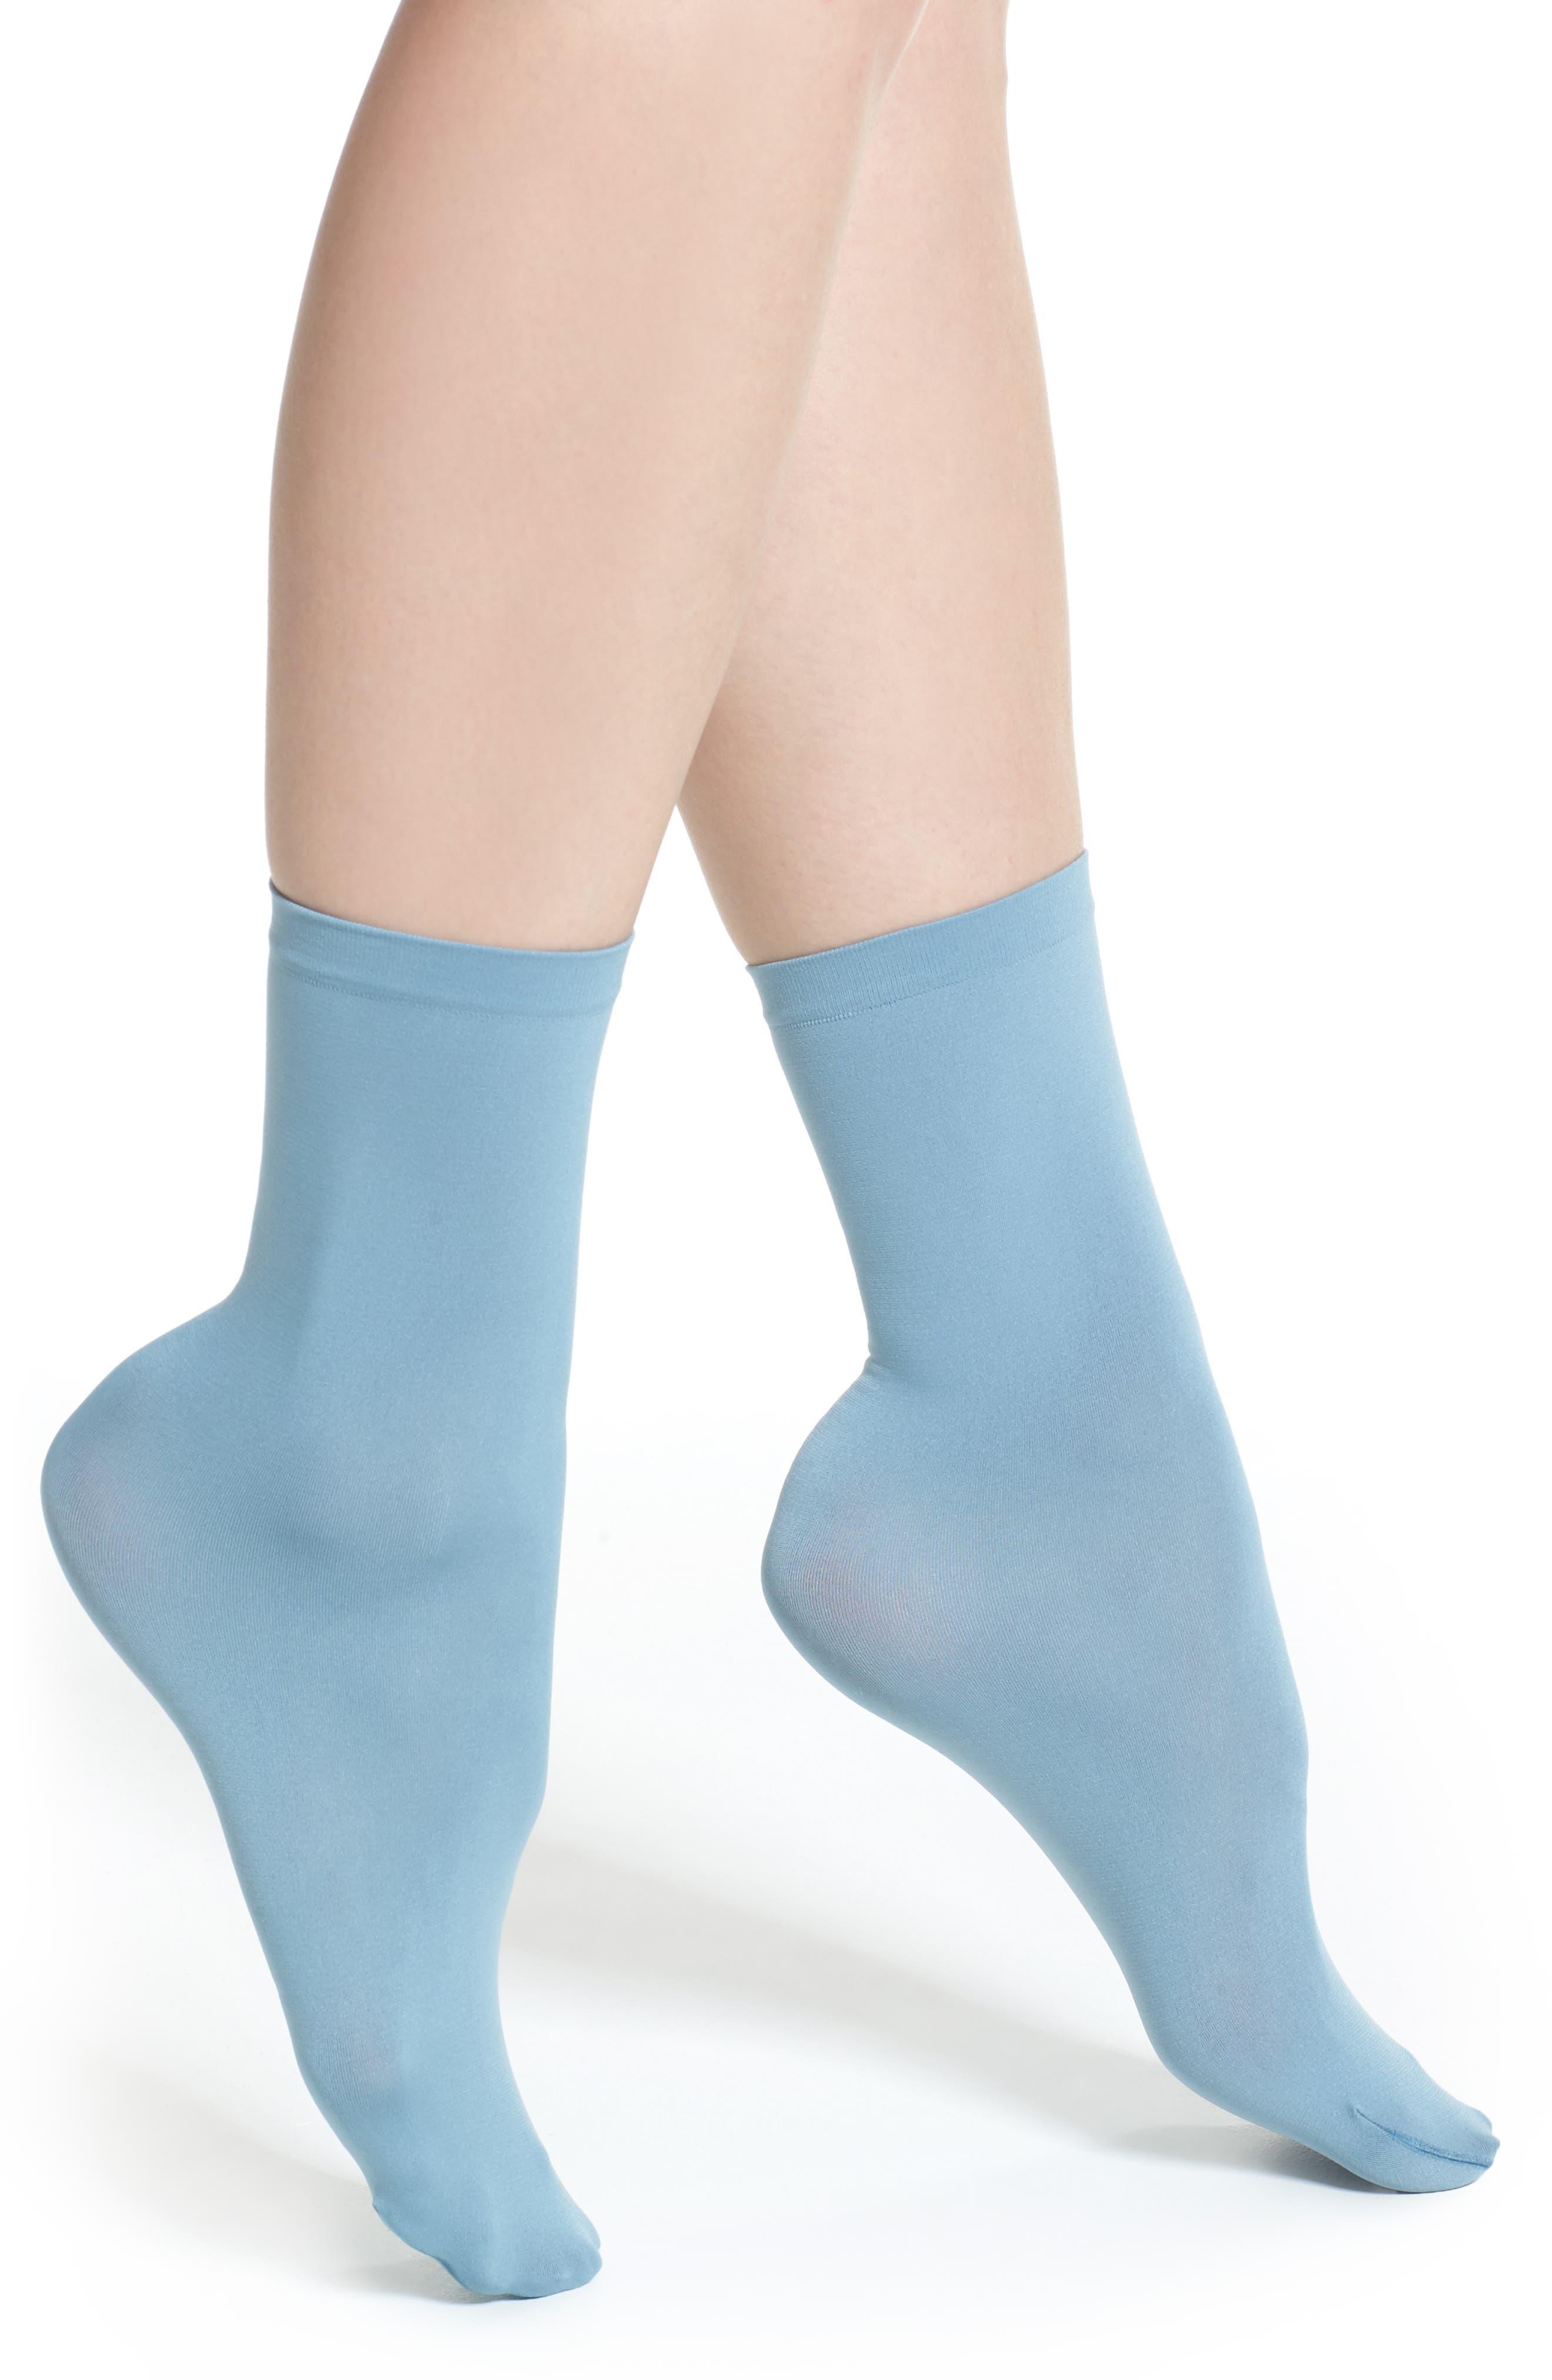 Velvet 66 Trouser Socks,                         Main,                         color, Horizon